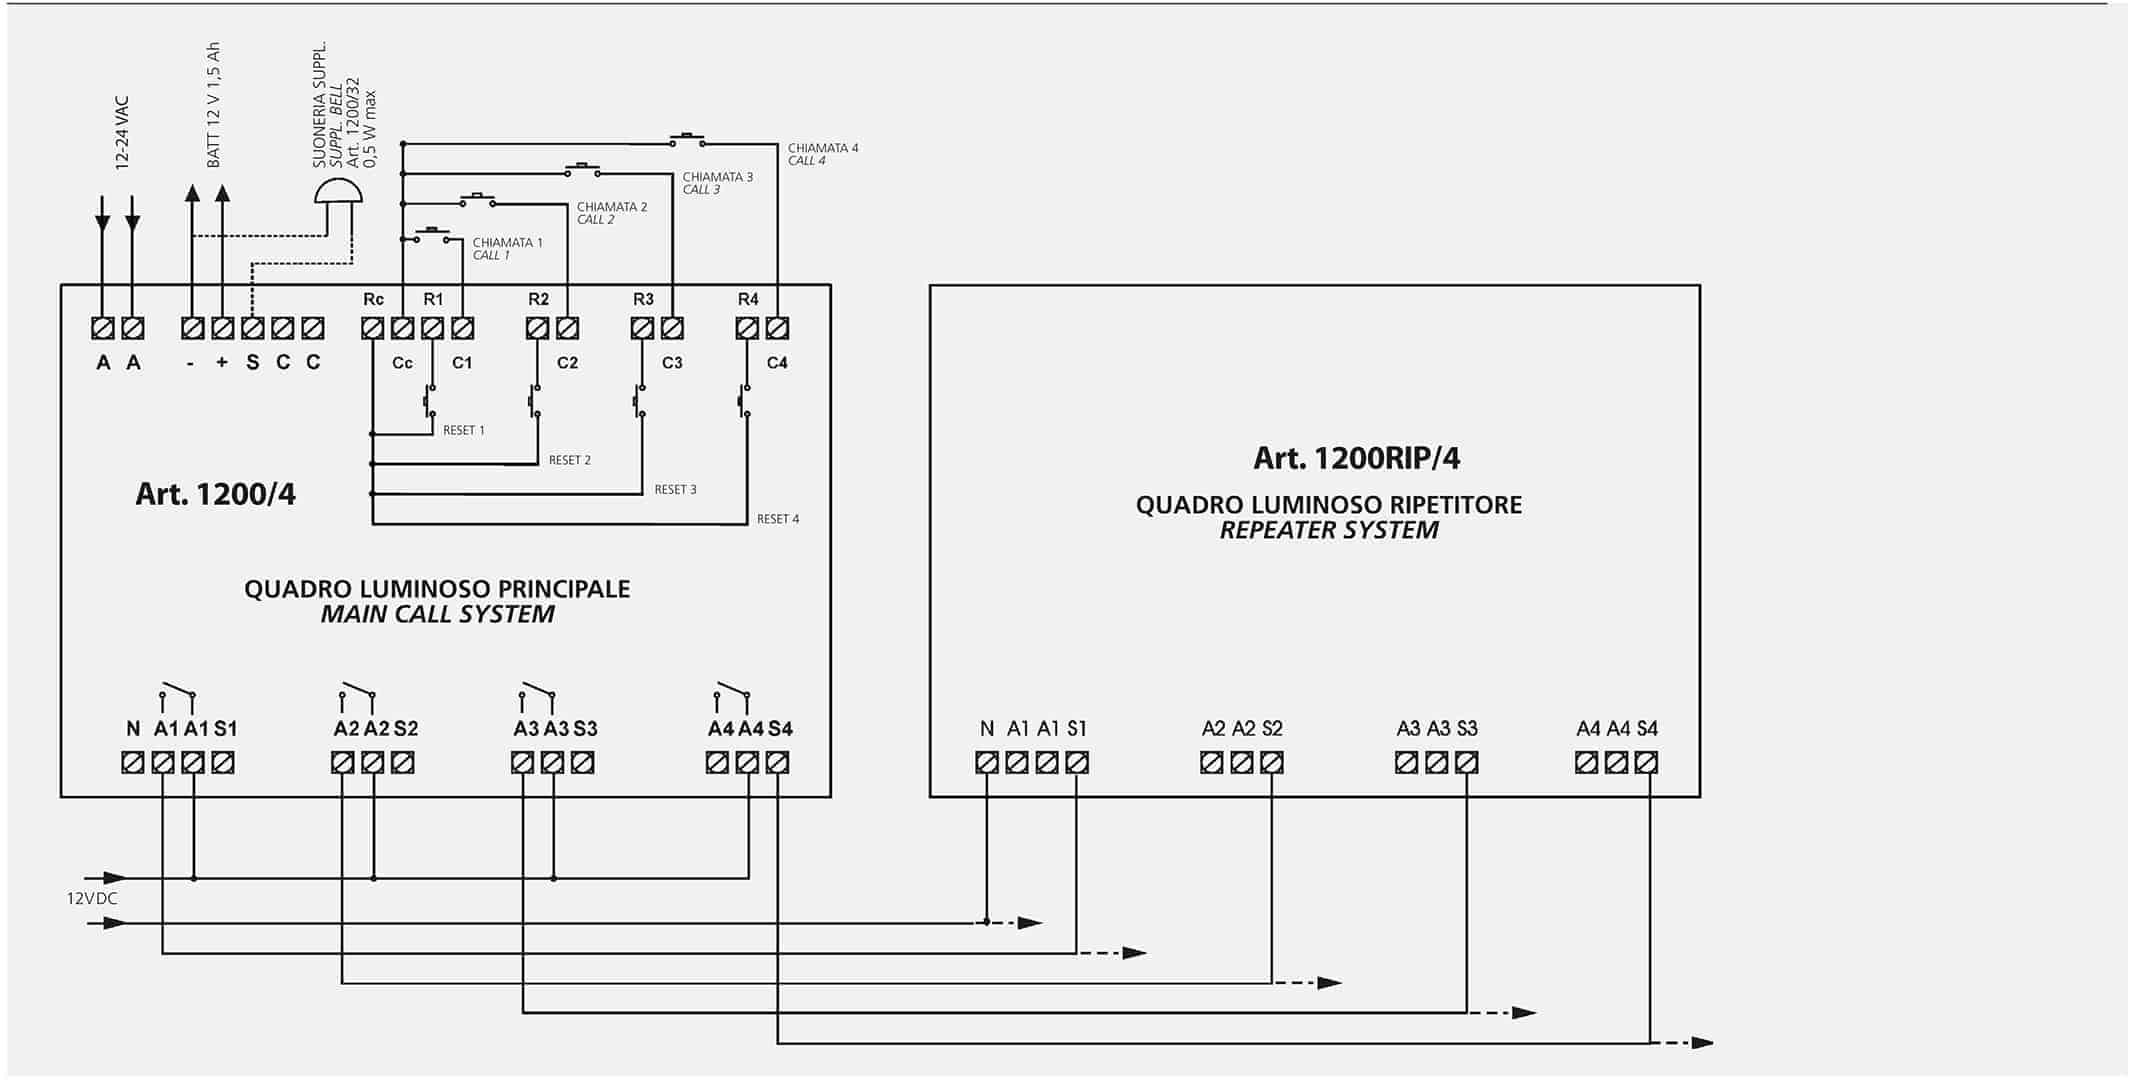 Schemi Elettrici Quadri : Schema collegamento quadro a led a due o piu quadri ripetitori